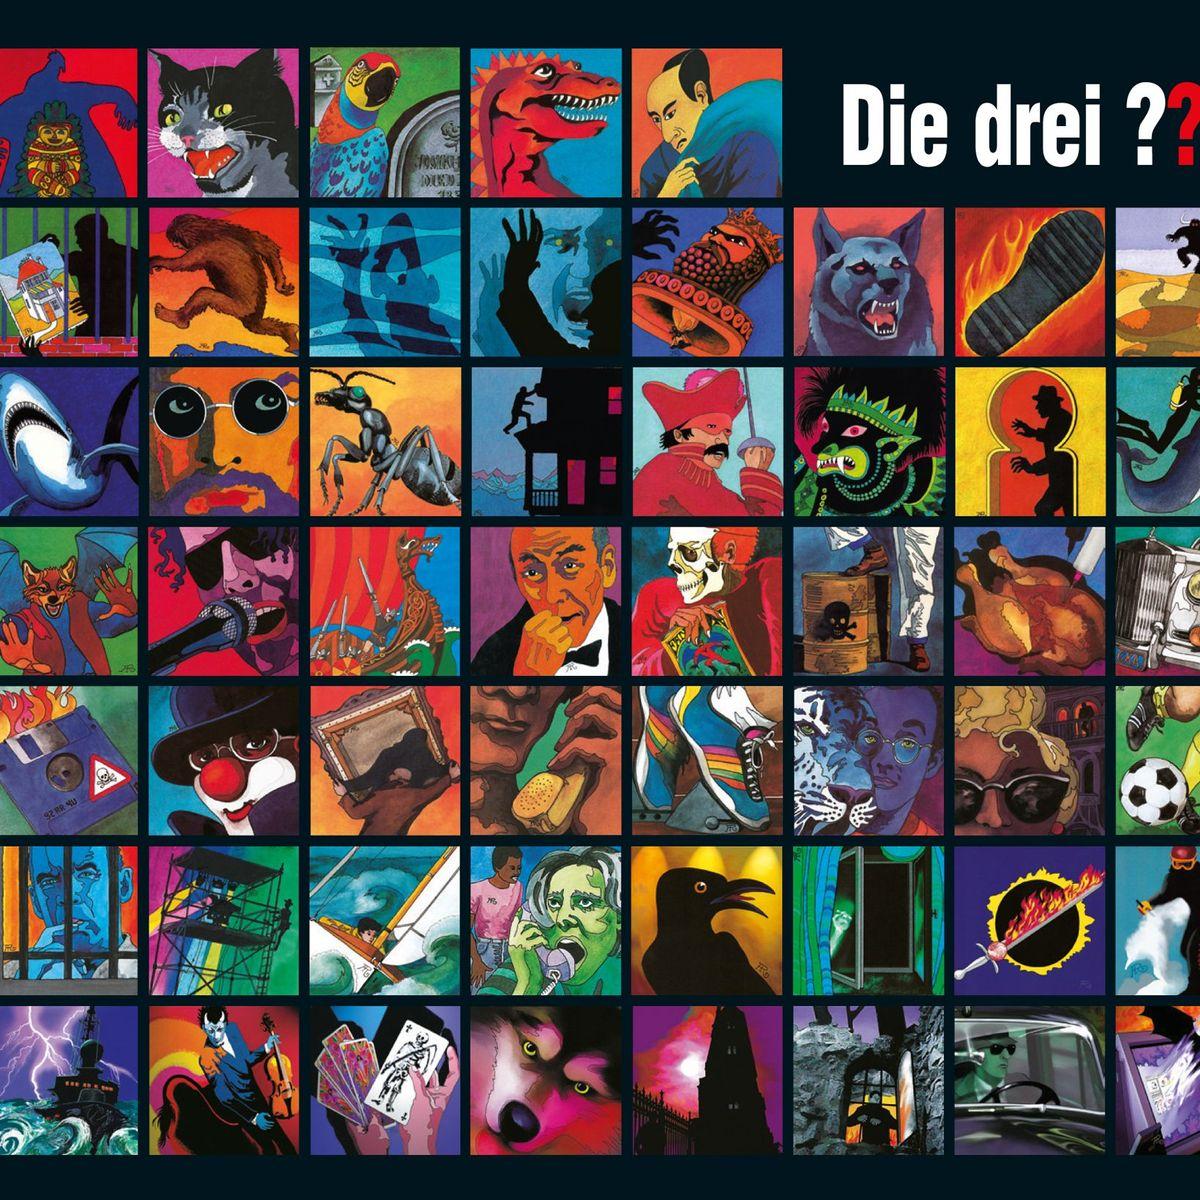 Die Drei Fragezeichen Jubiläum 50 Jahre 200 Bücher 3 Detektive Der Spiegel